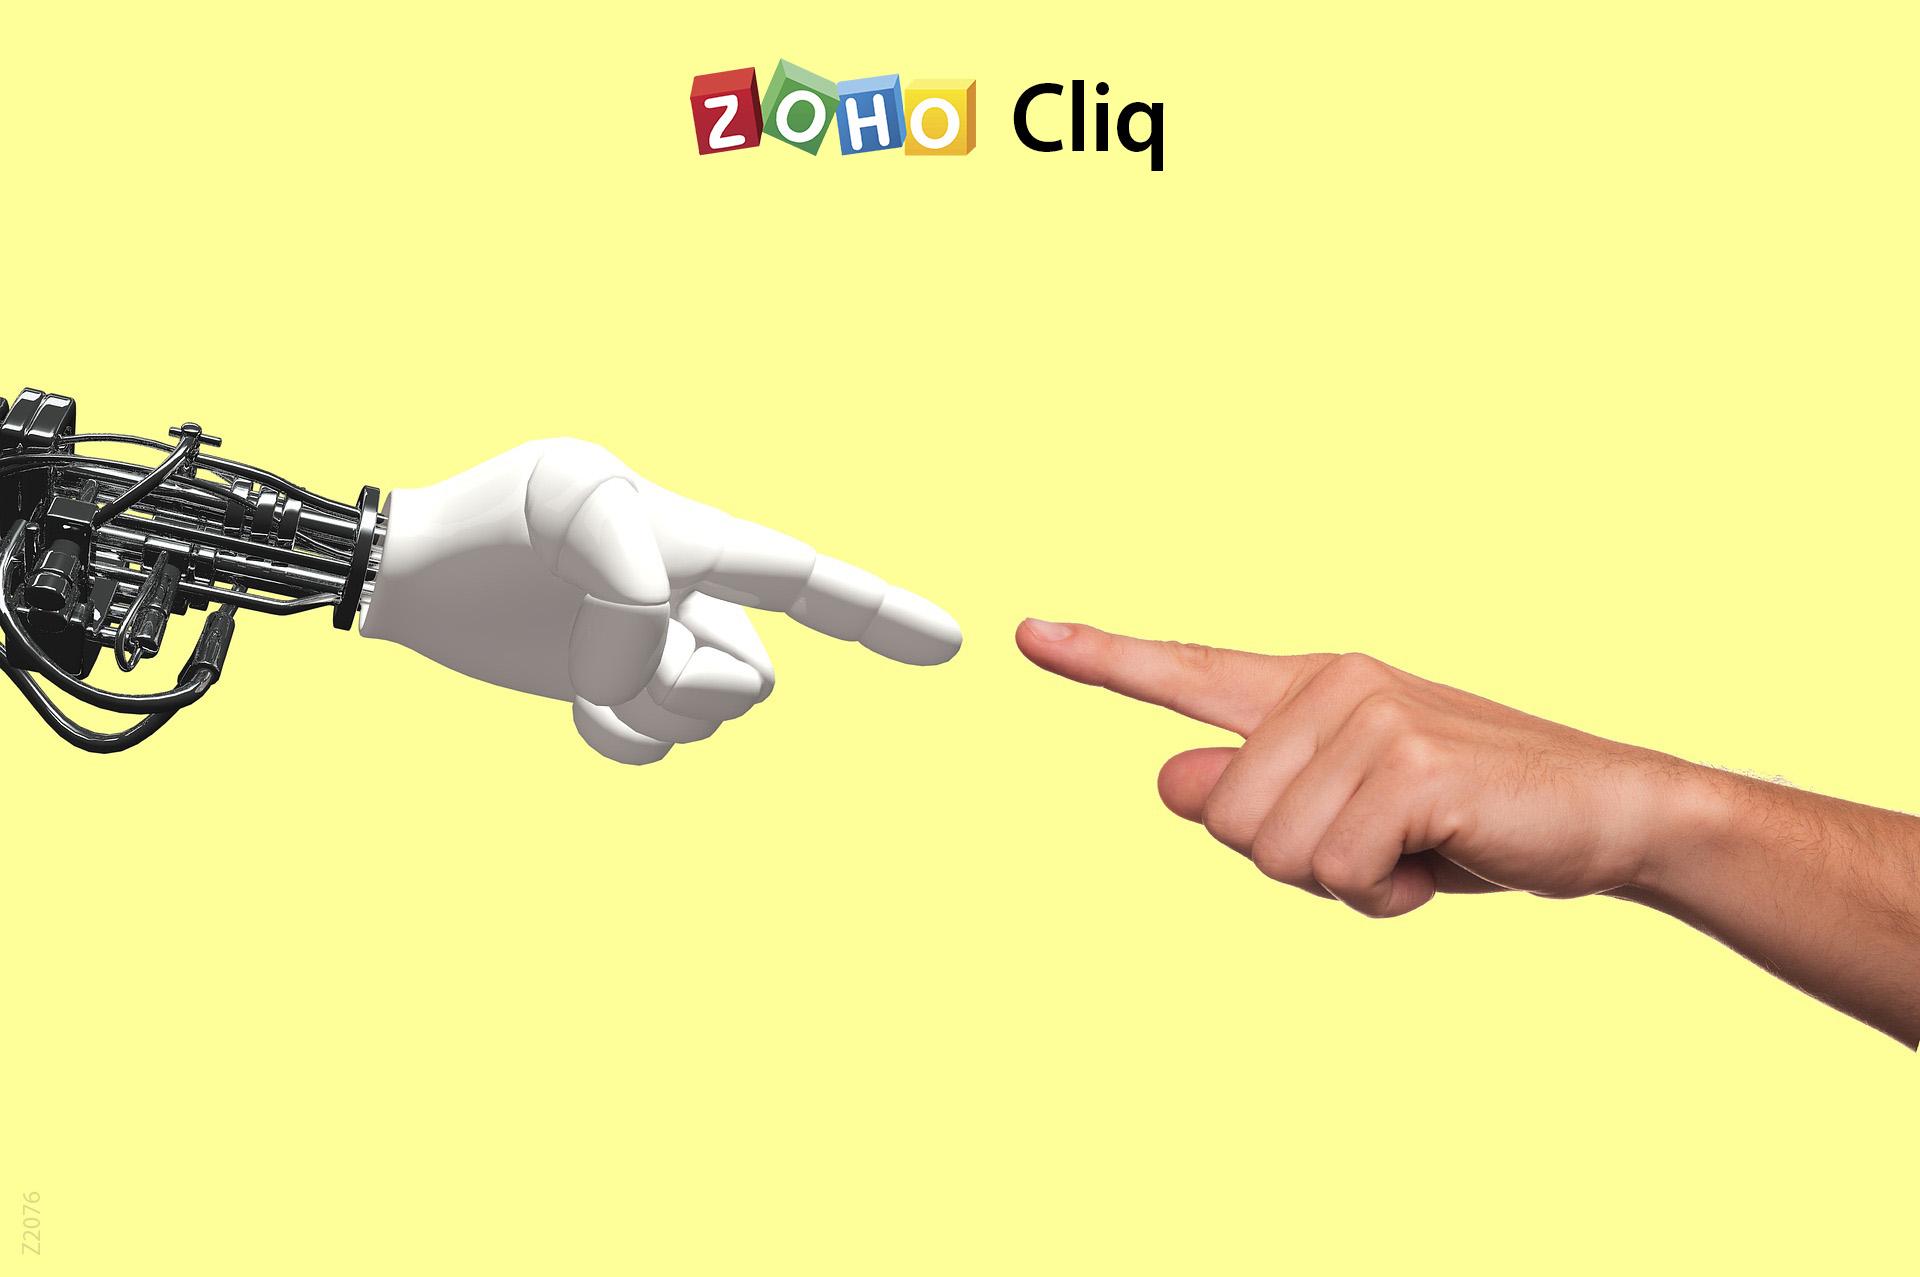 2076_Bots_ZohoCliq.jpg